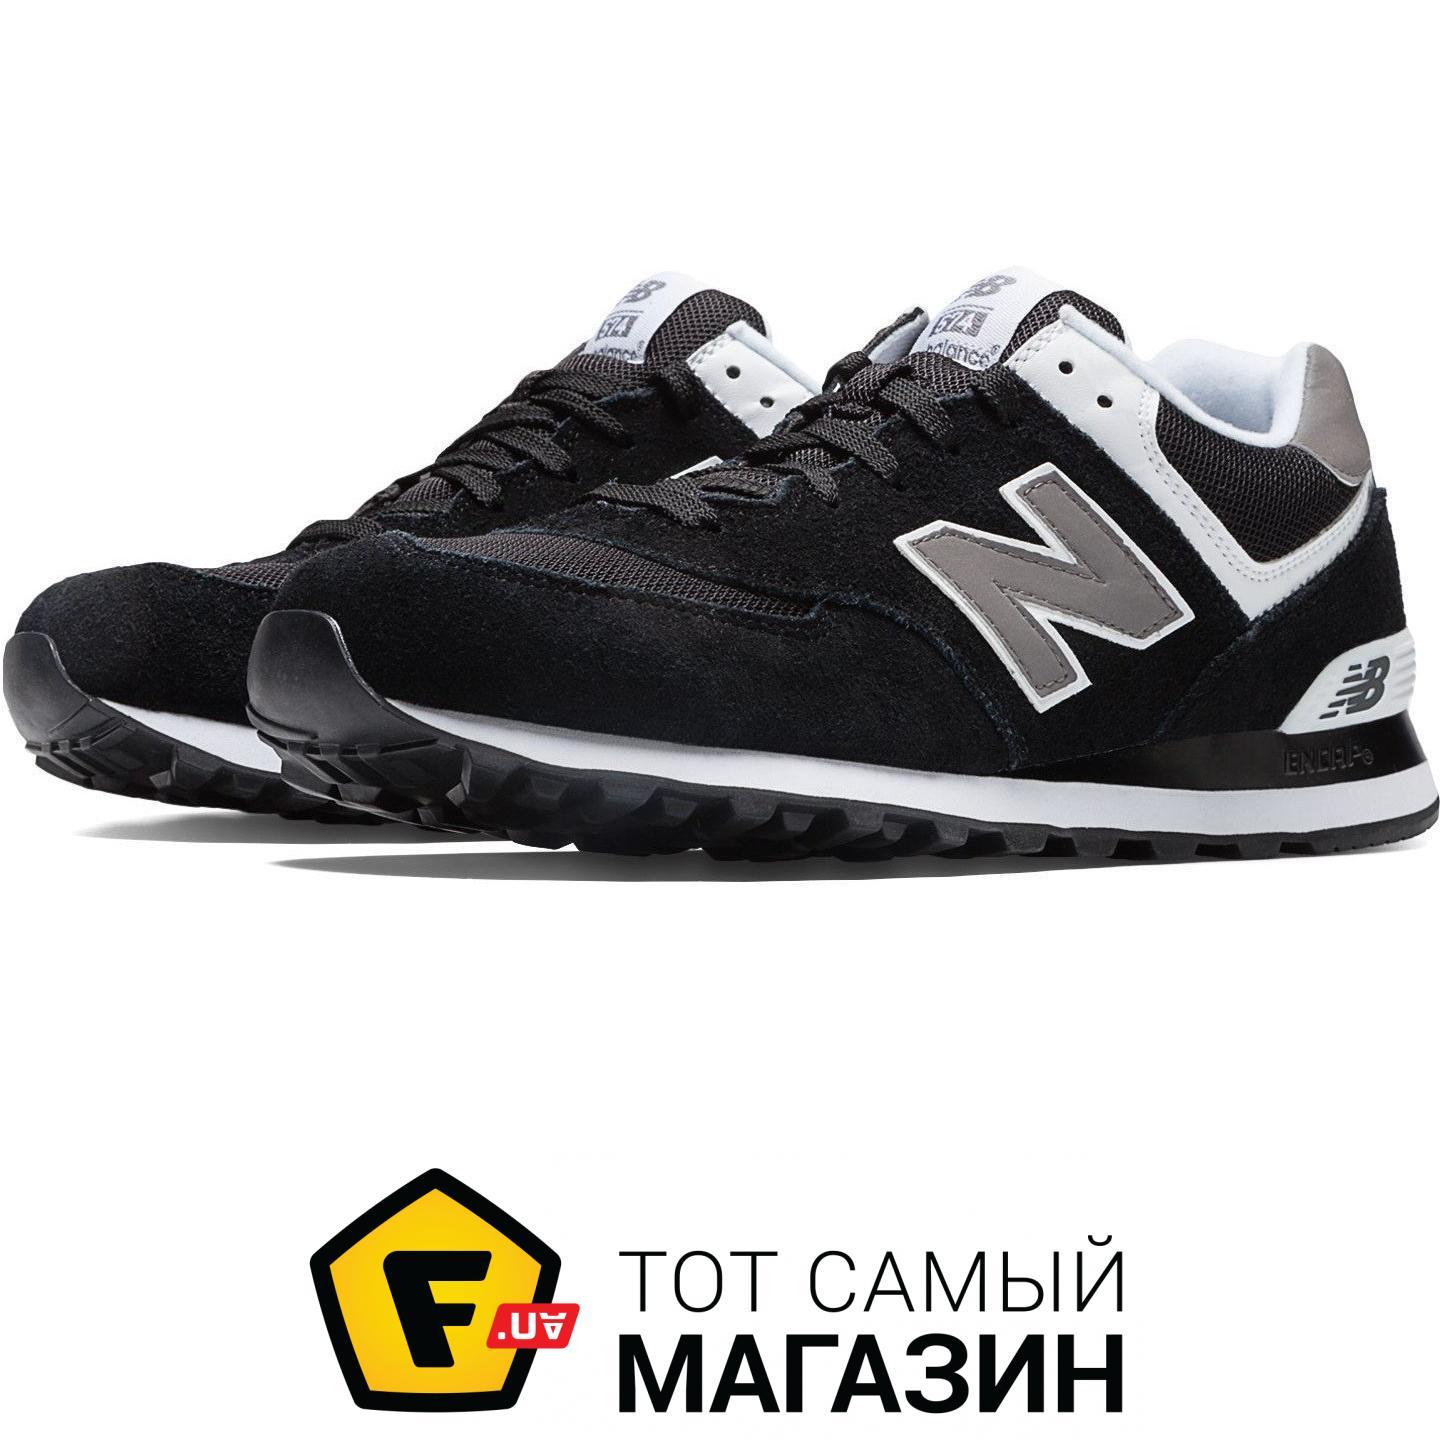 Кроссовки New Balance 574 Classics Black with Grey   White 87a19e97c0701